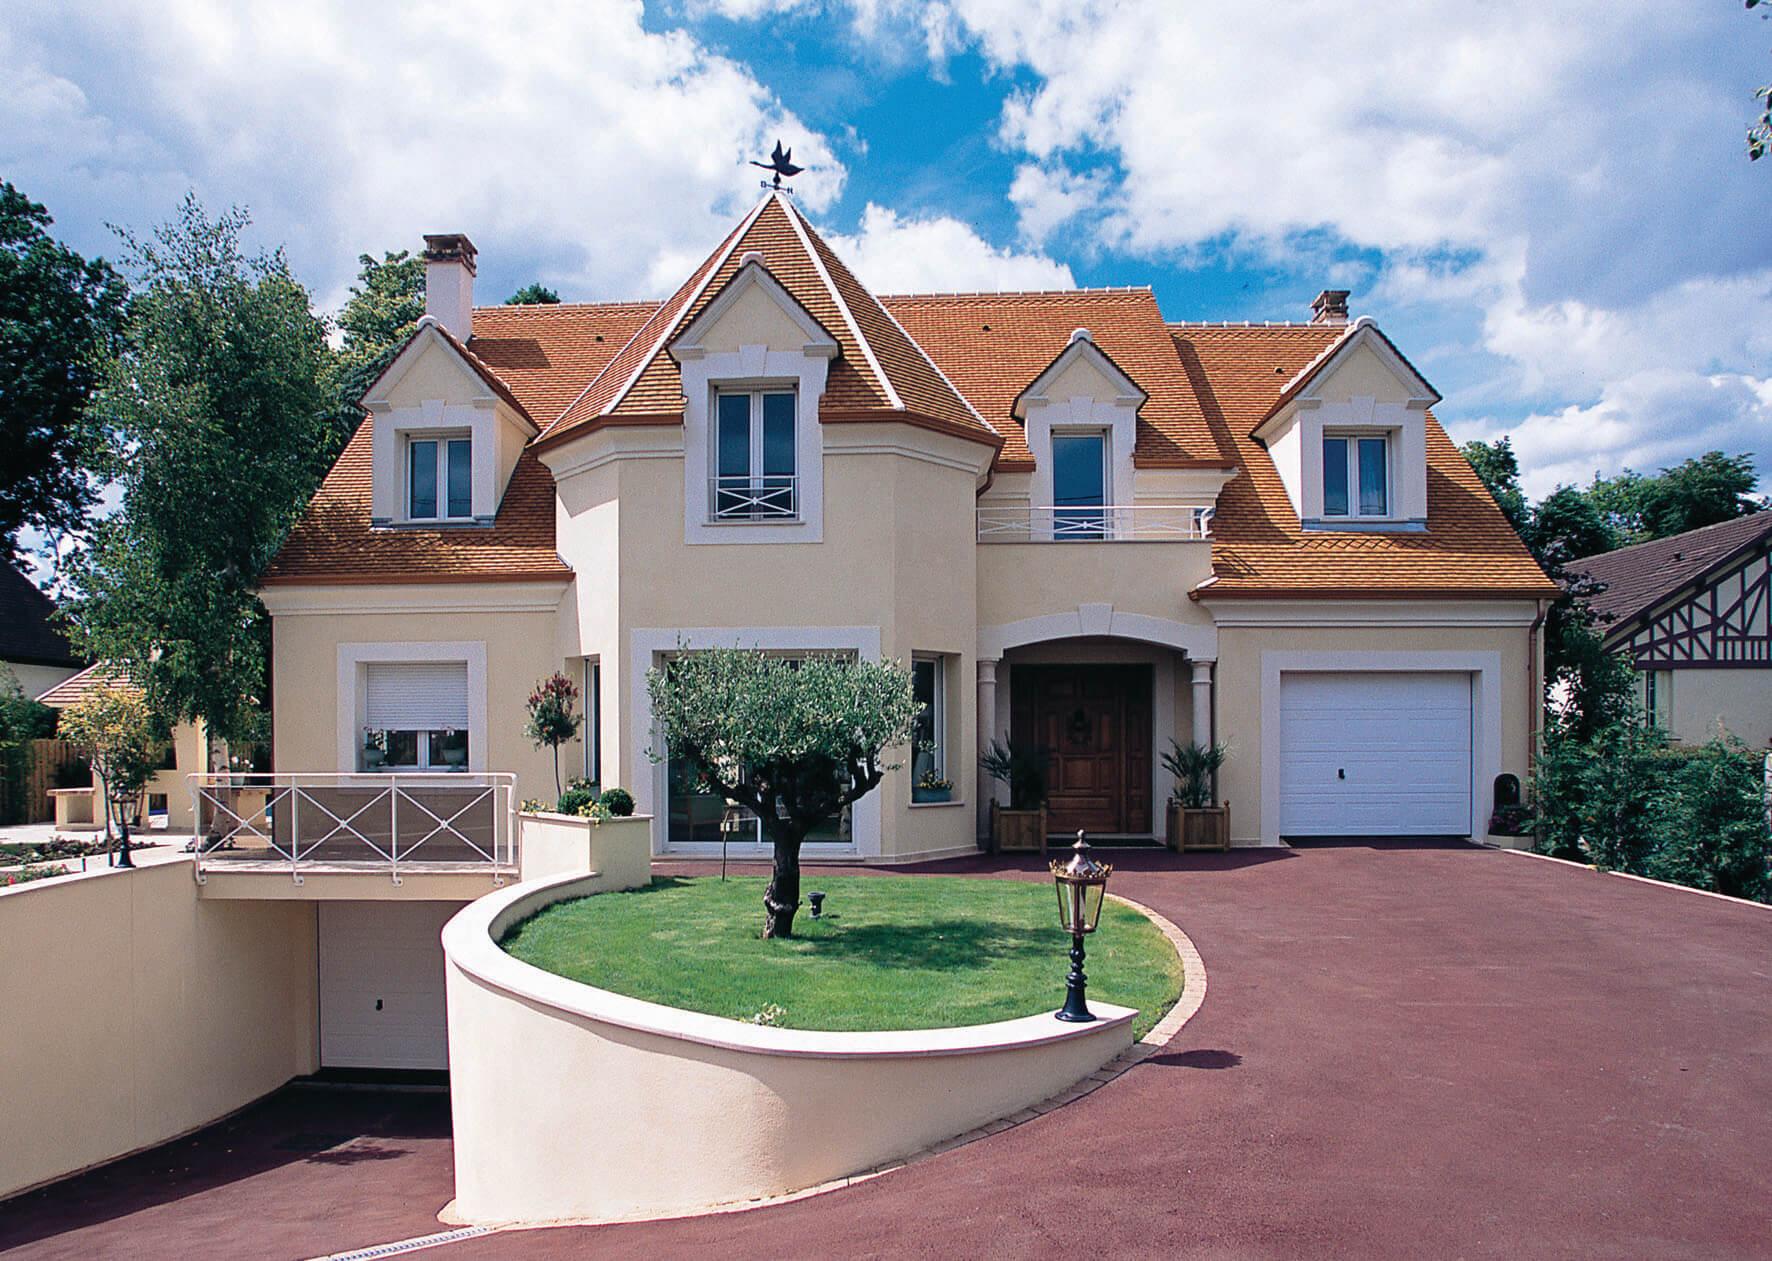 Maison en pierre de couleur belge à toi orange clair avec garage au sous-sol